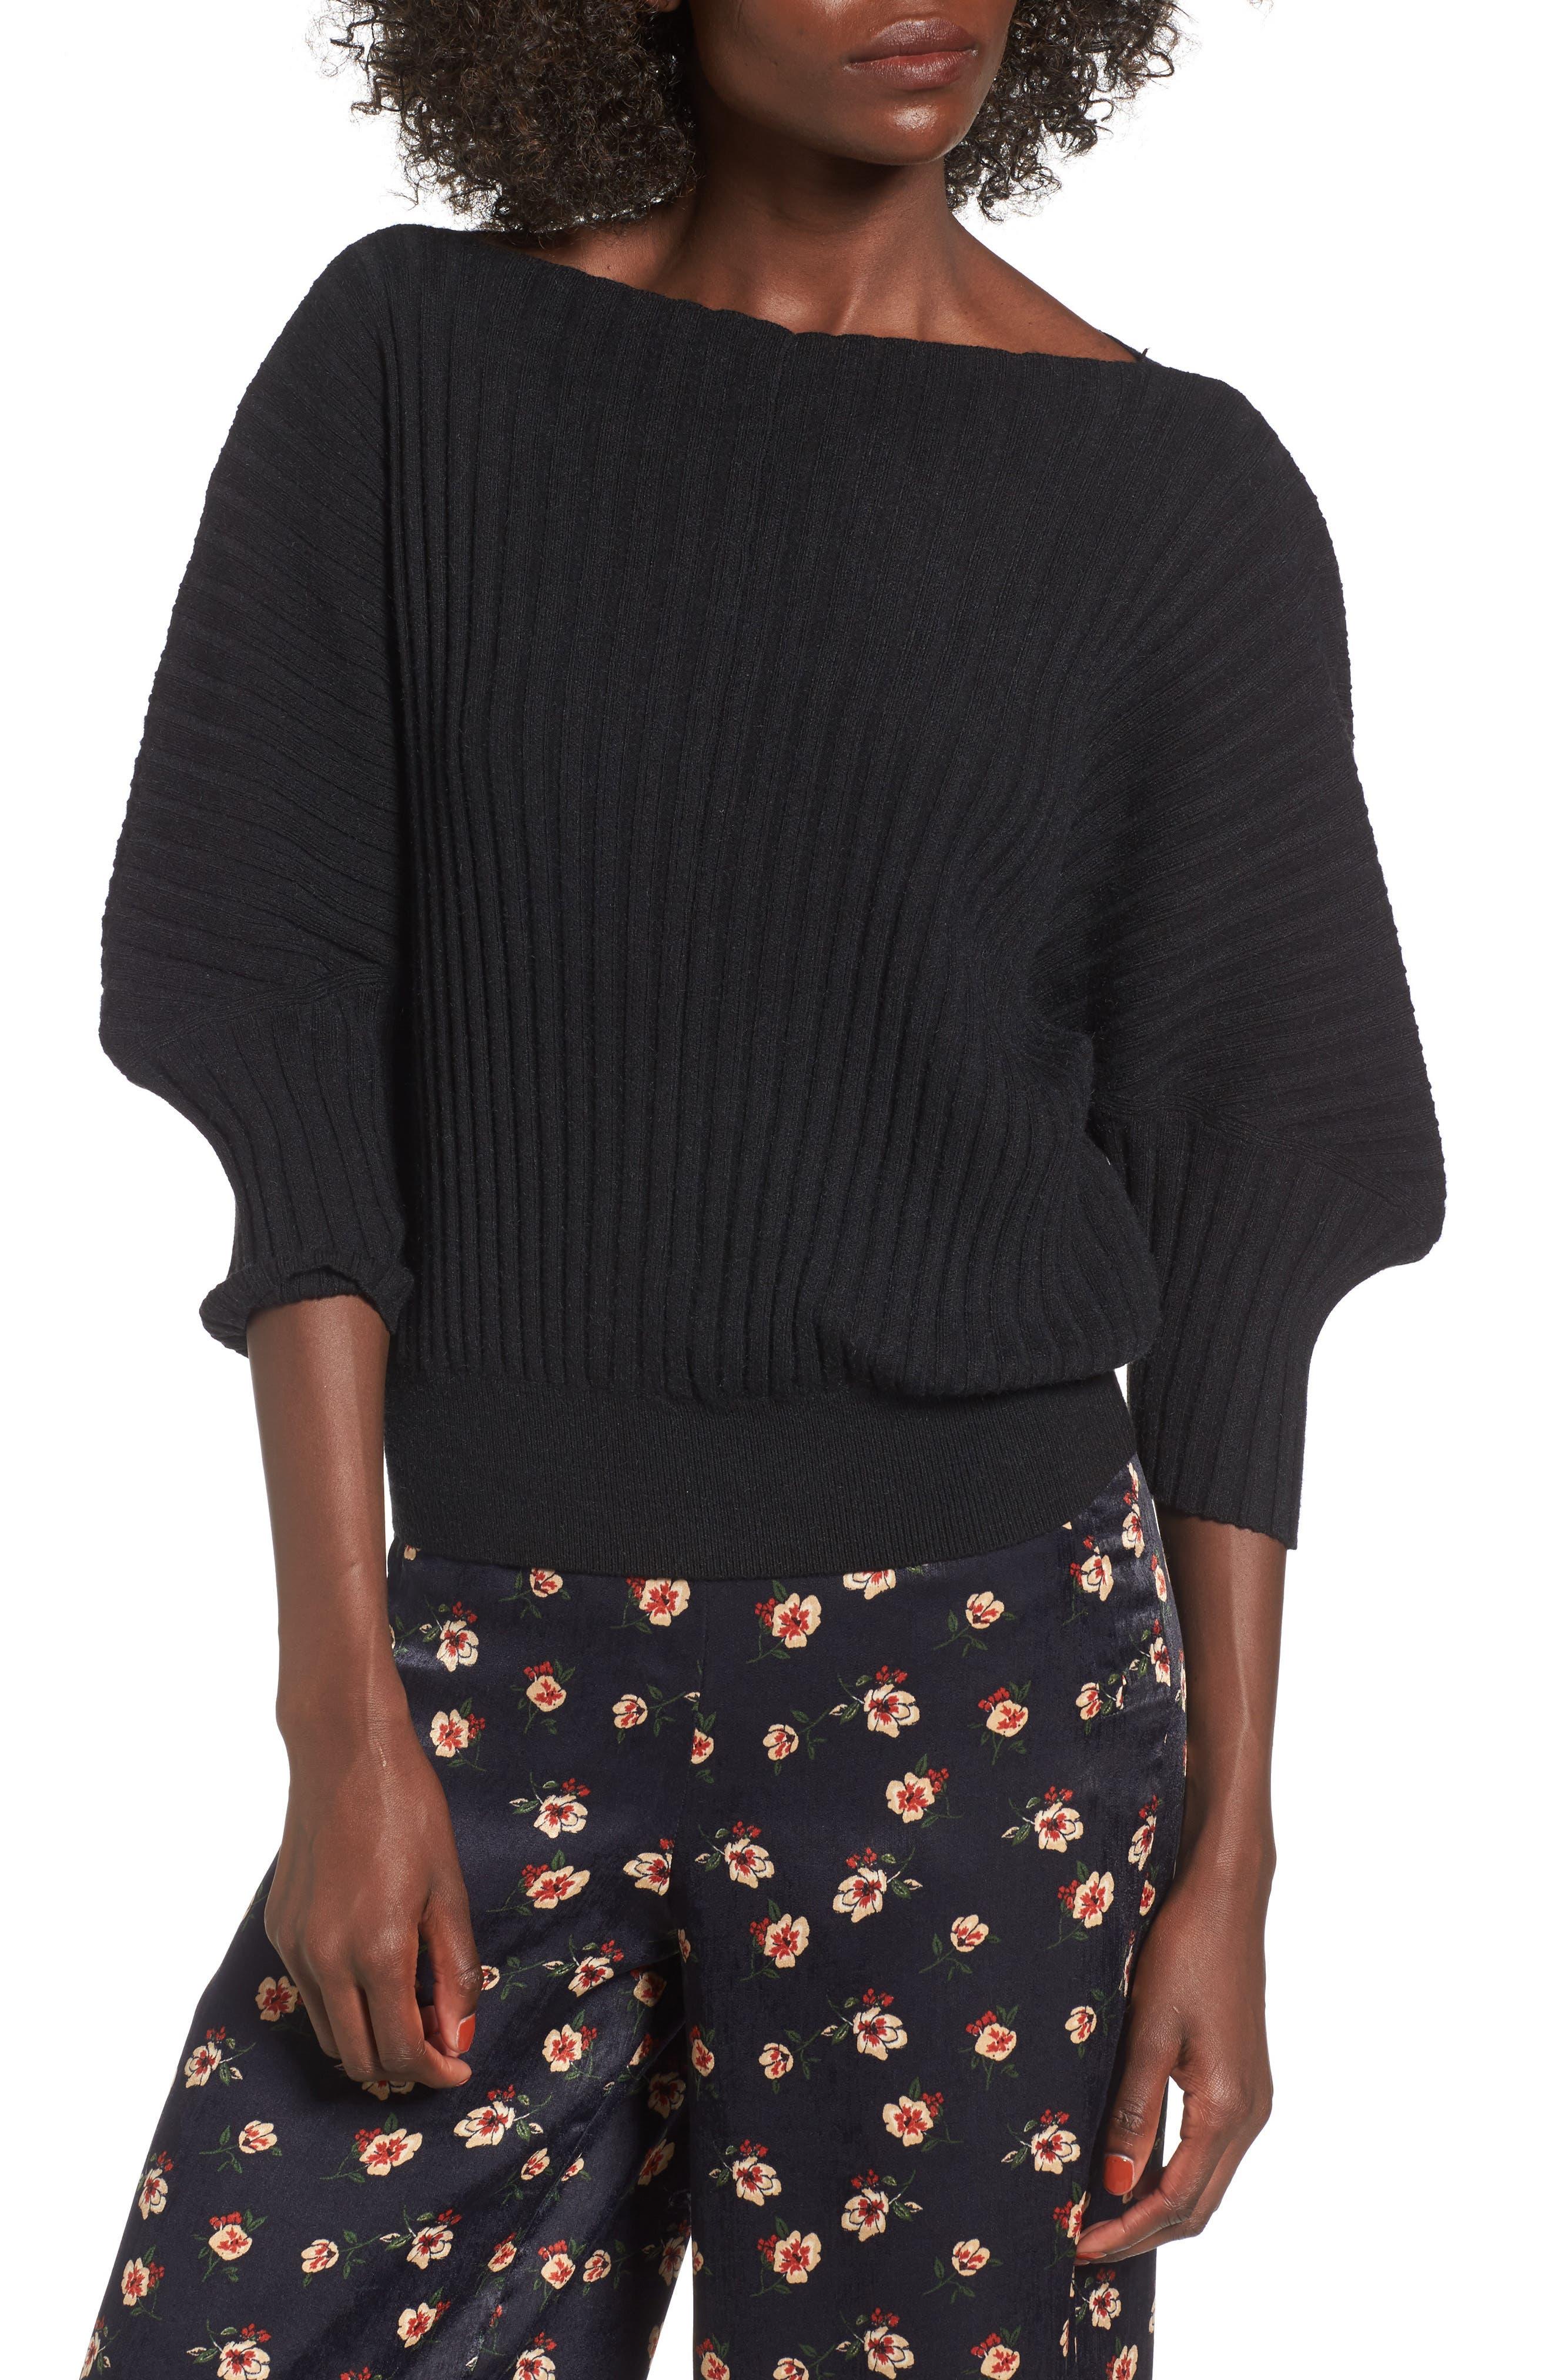 Rib Knit Blouson Sweater,                             Main thumbnail 1, color,                             001